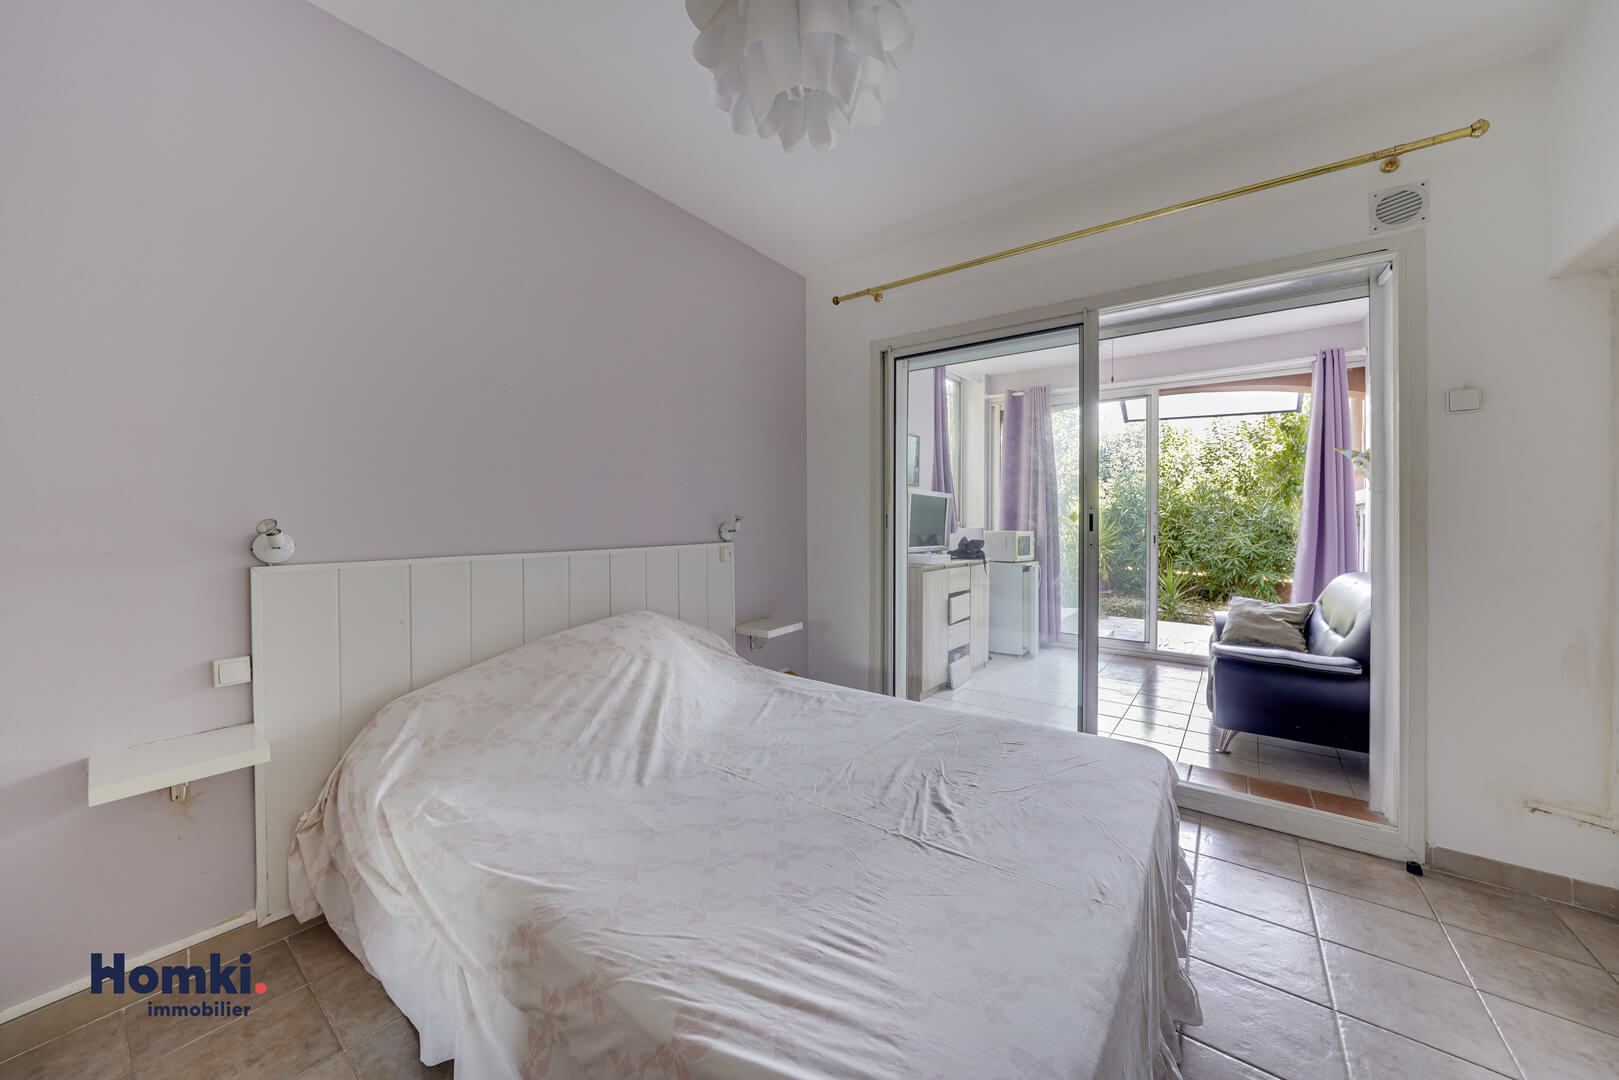 Vente Maison 105 m² T6 13011 Marseille_7